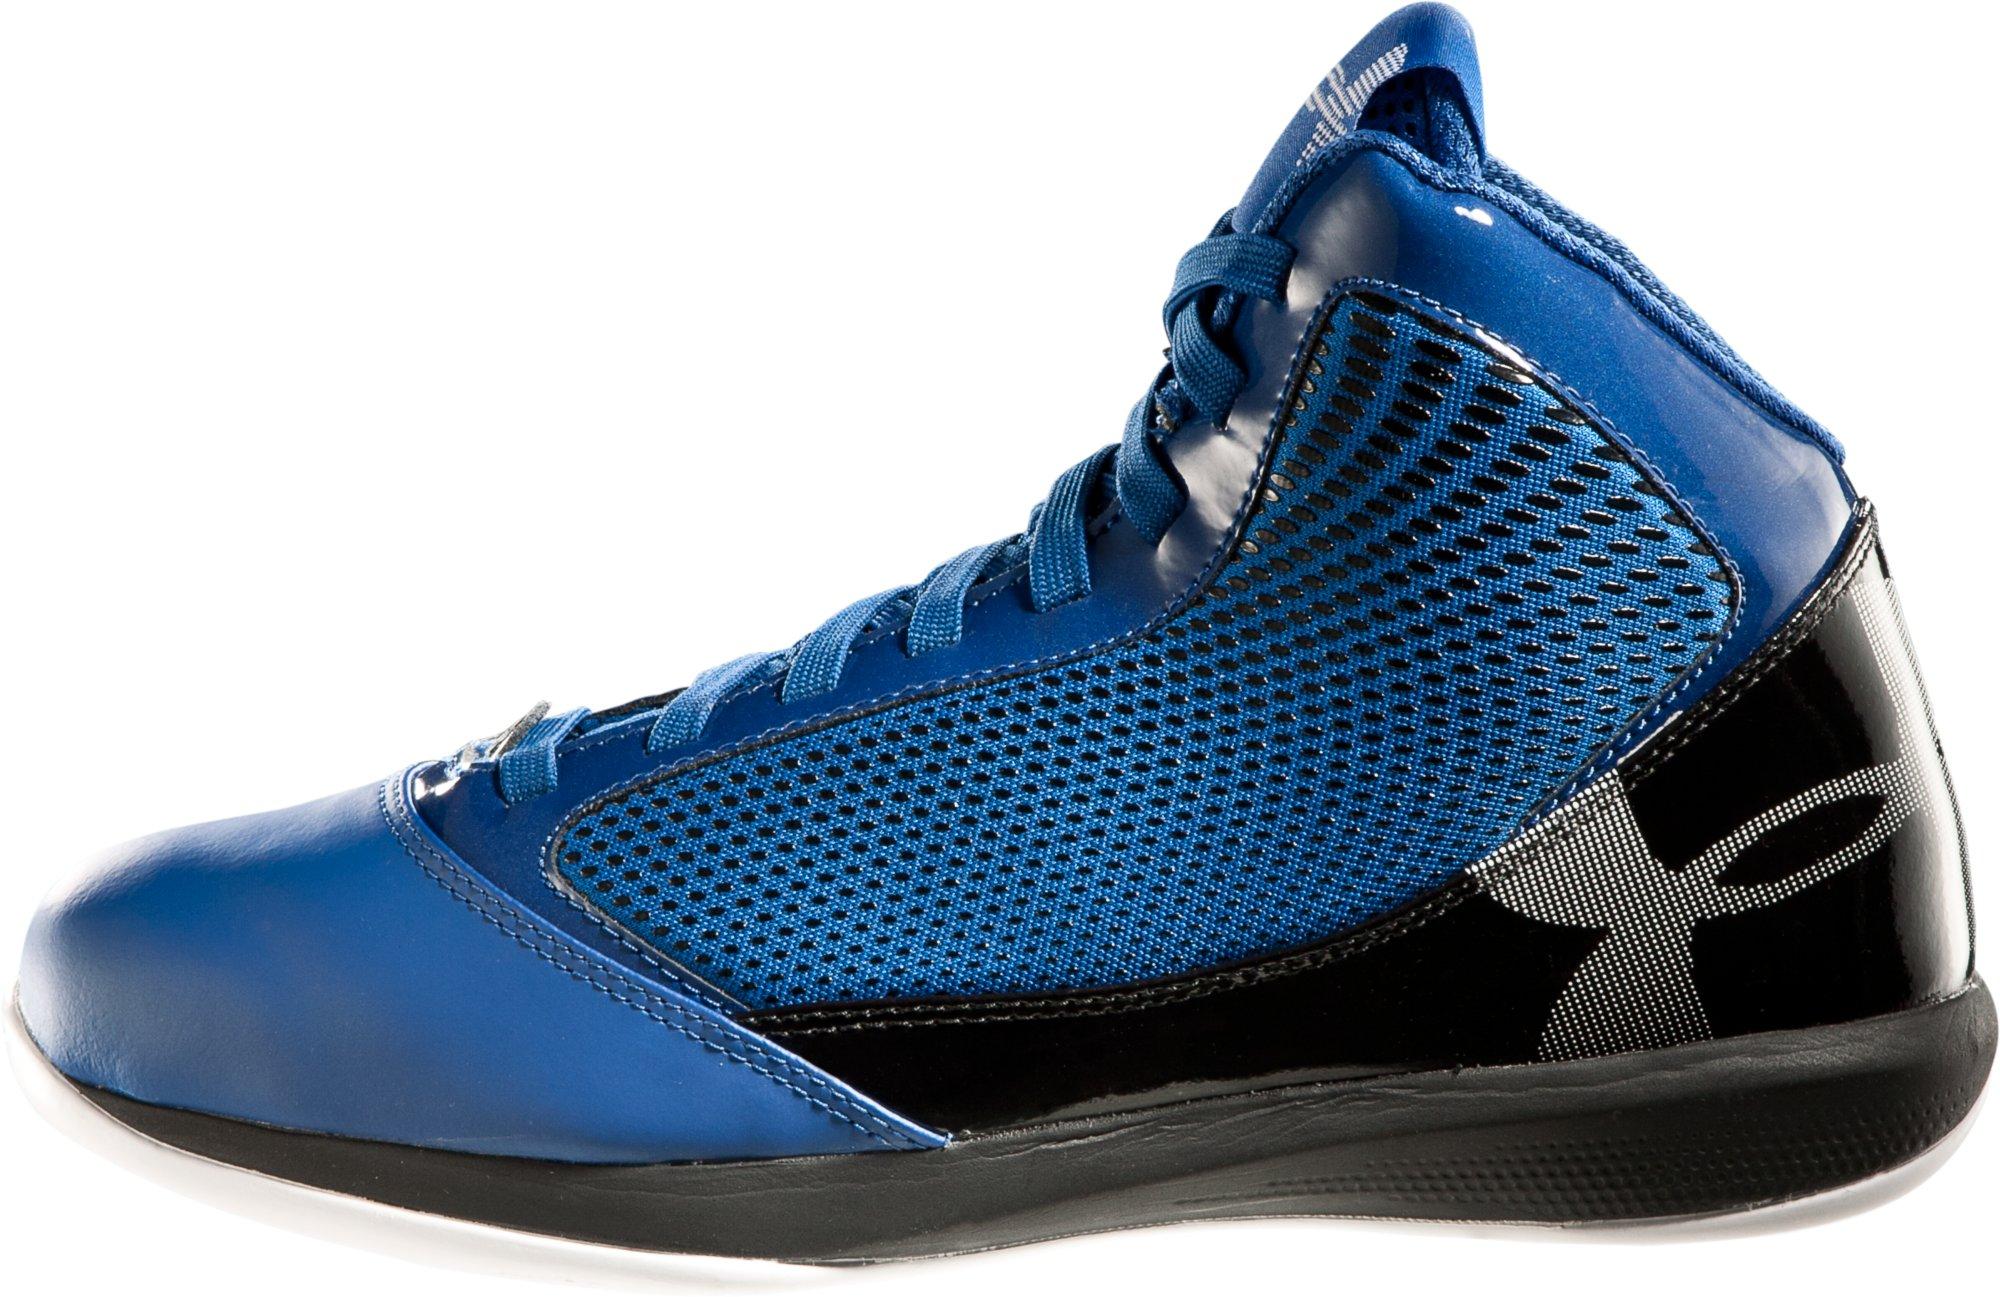 Under Armour Men s UA Jet Basketball ShoesUnder Armour Basketball Shoes 2012